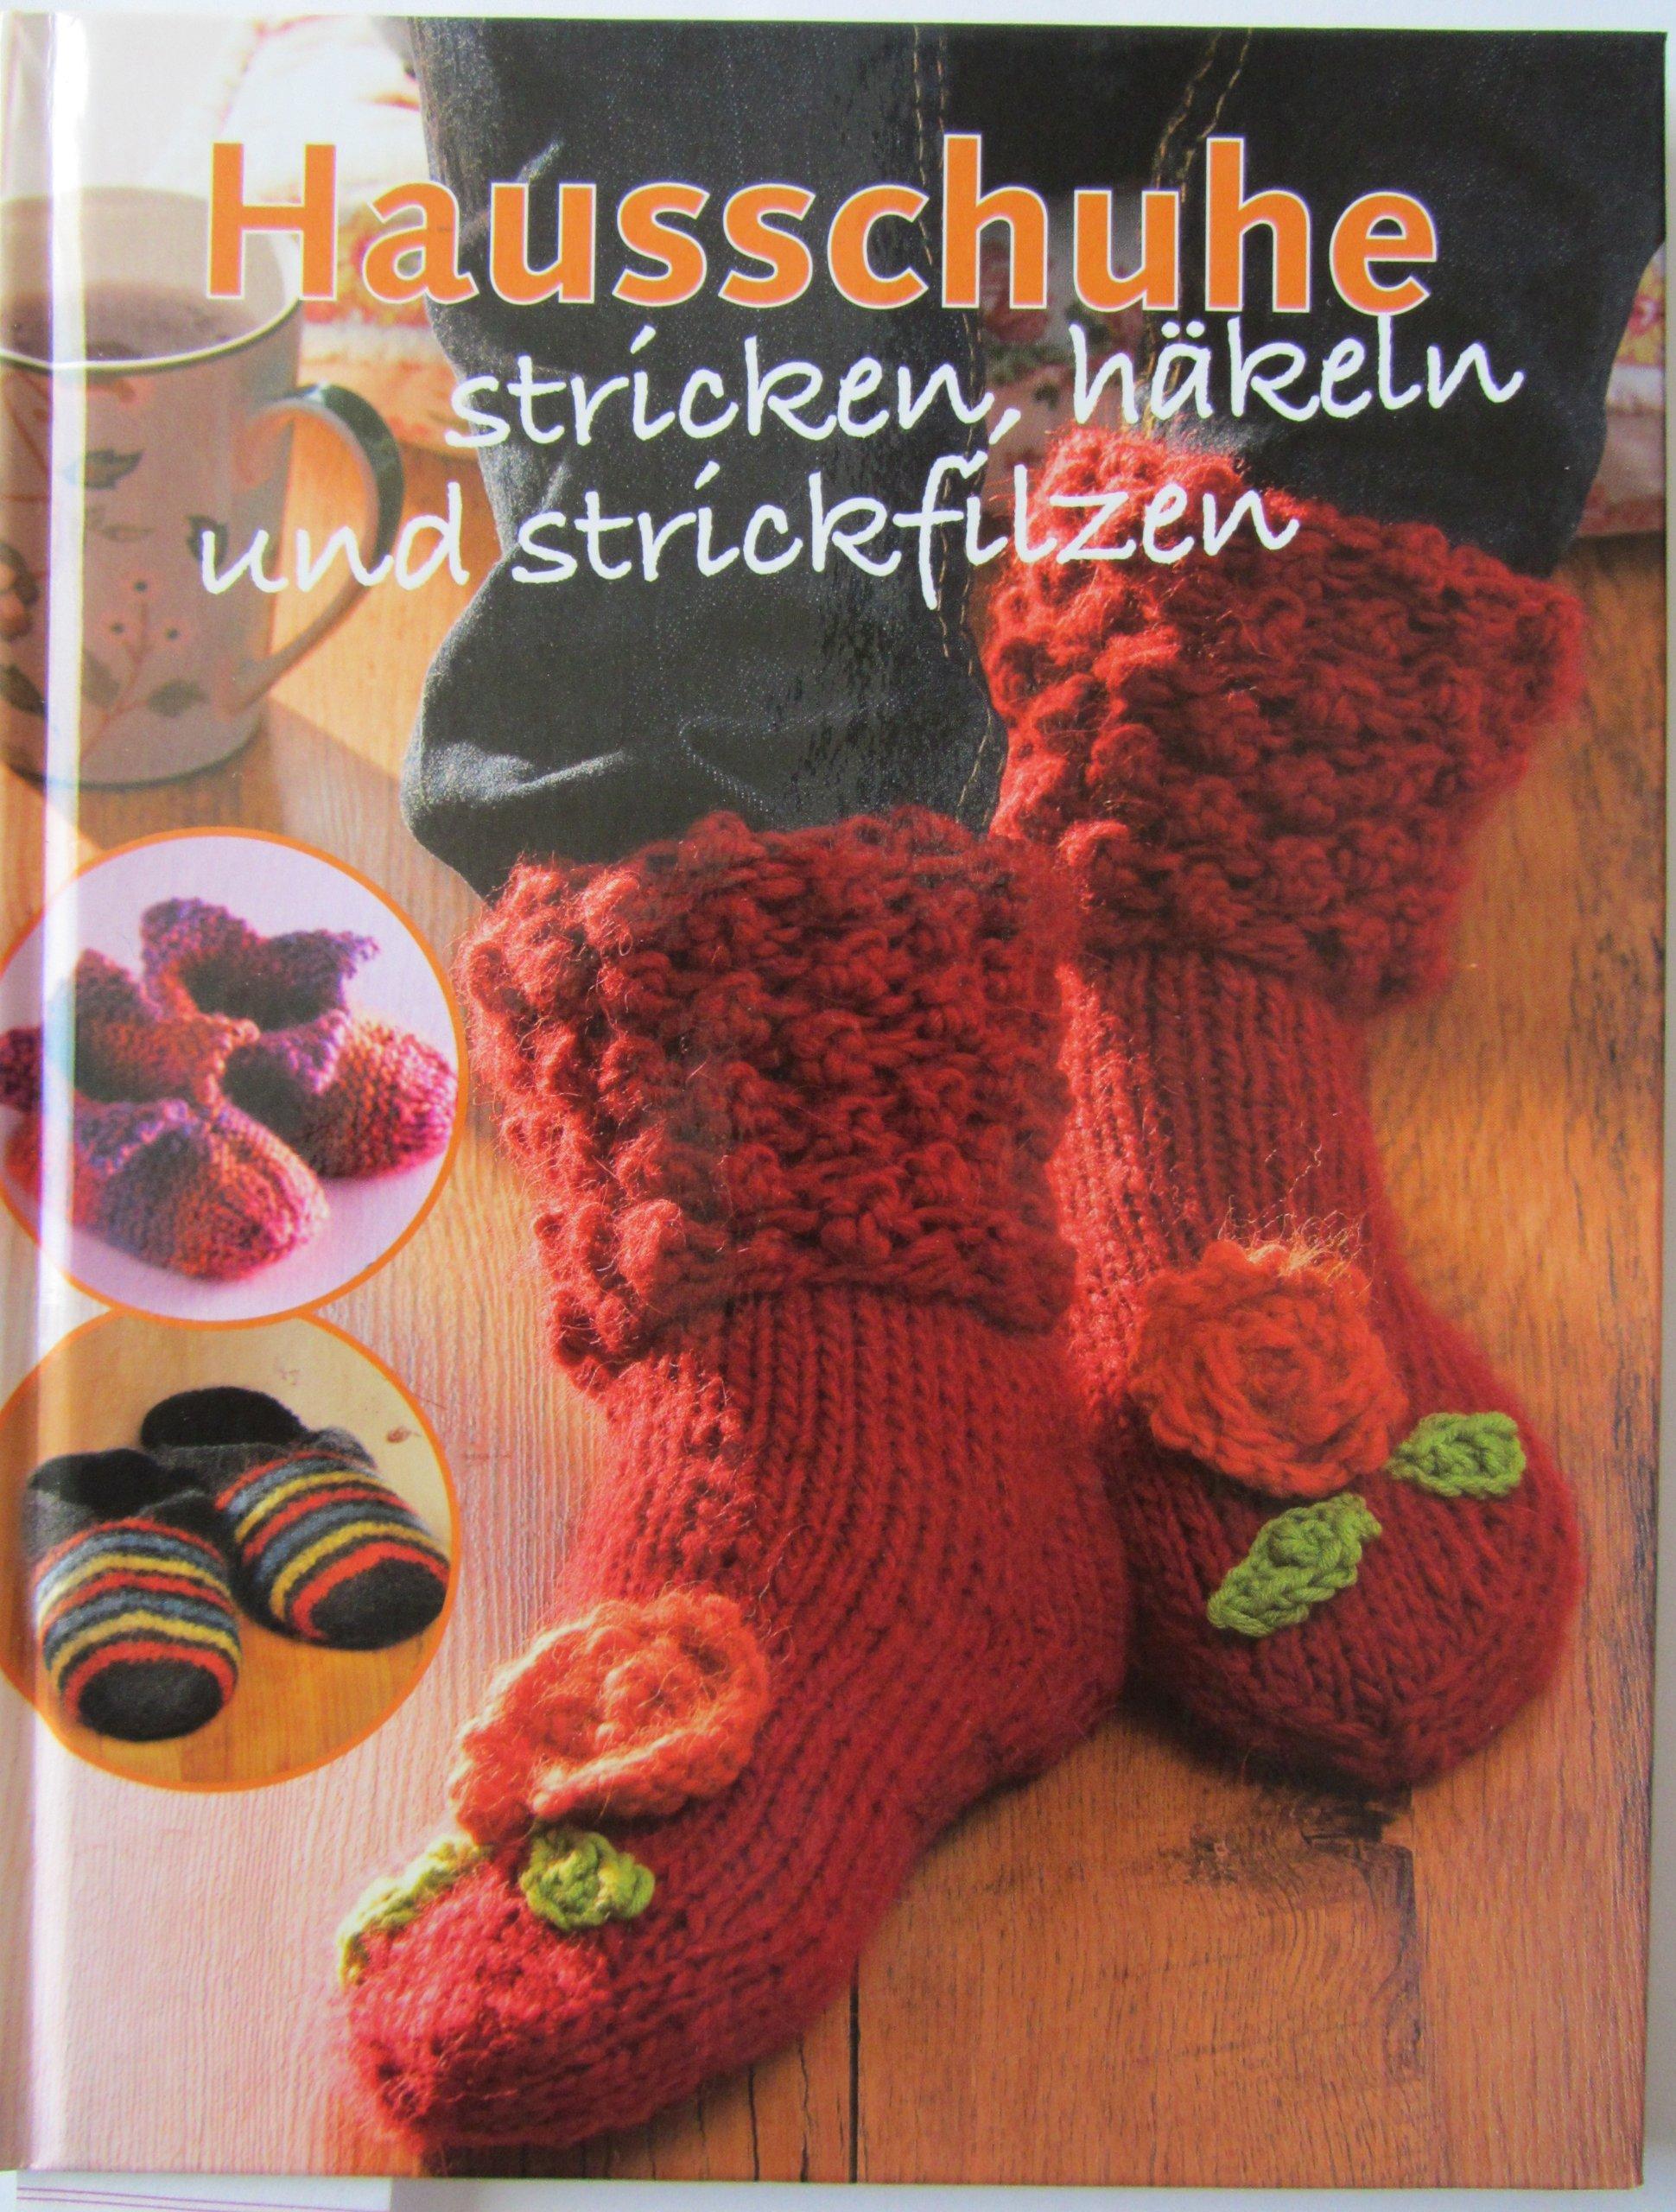 Hausschuhe Stricken 9783772486272 Amazoncom Books